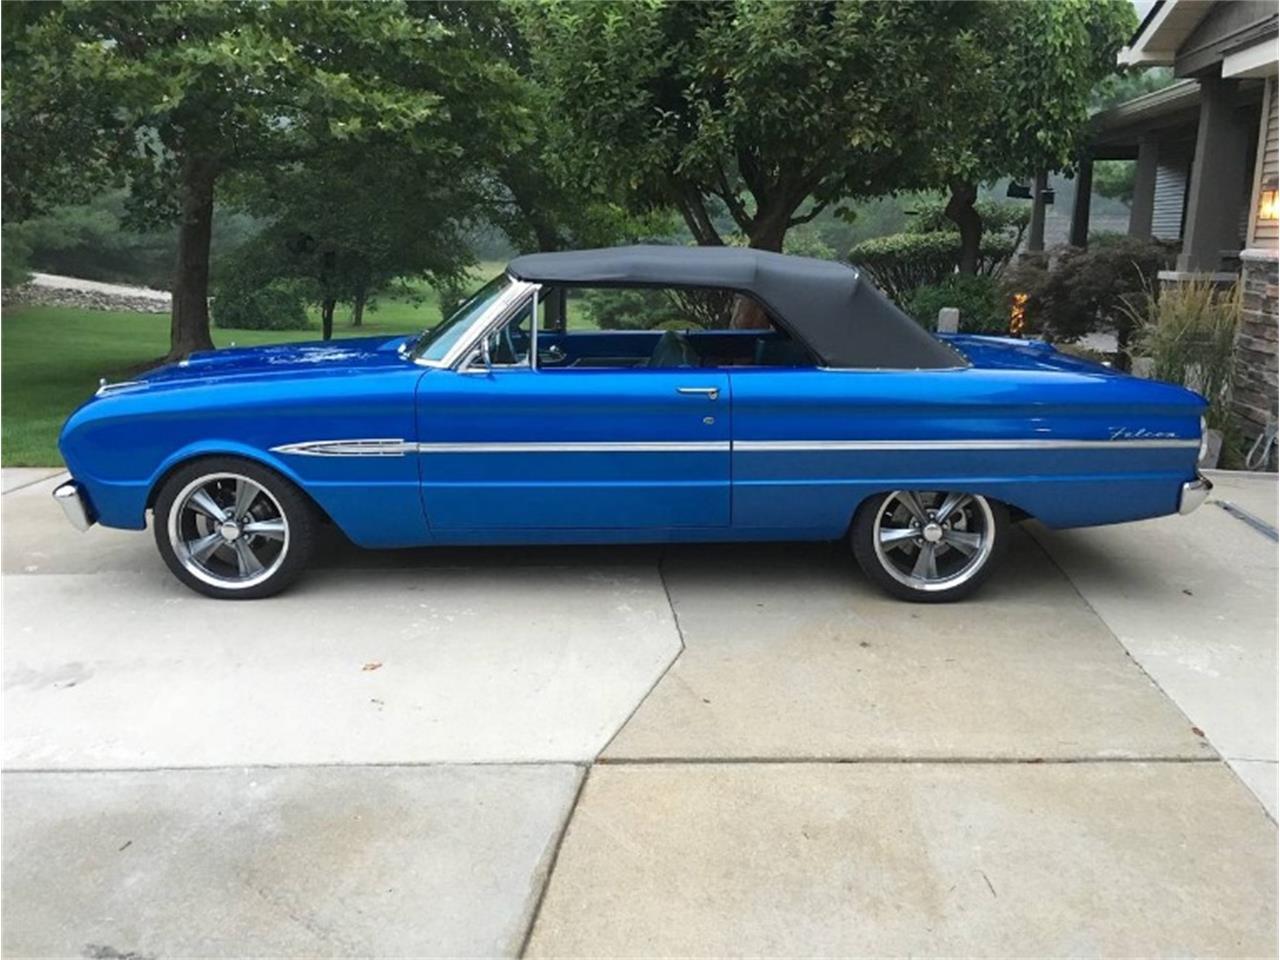 For Sale: 1963 Ford Falcon Futura in Mundelein, Illinois